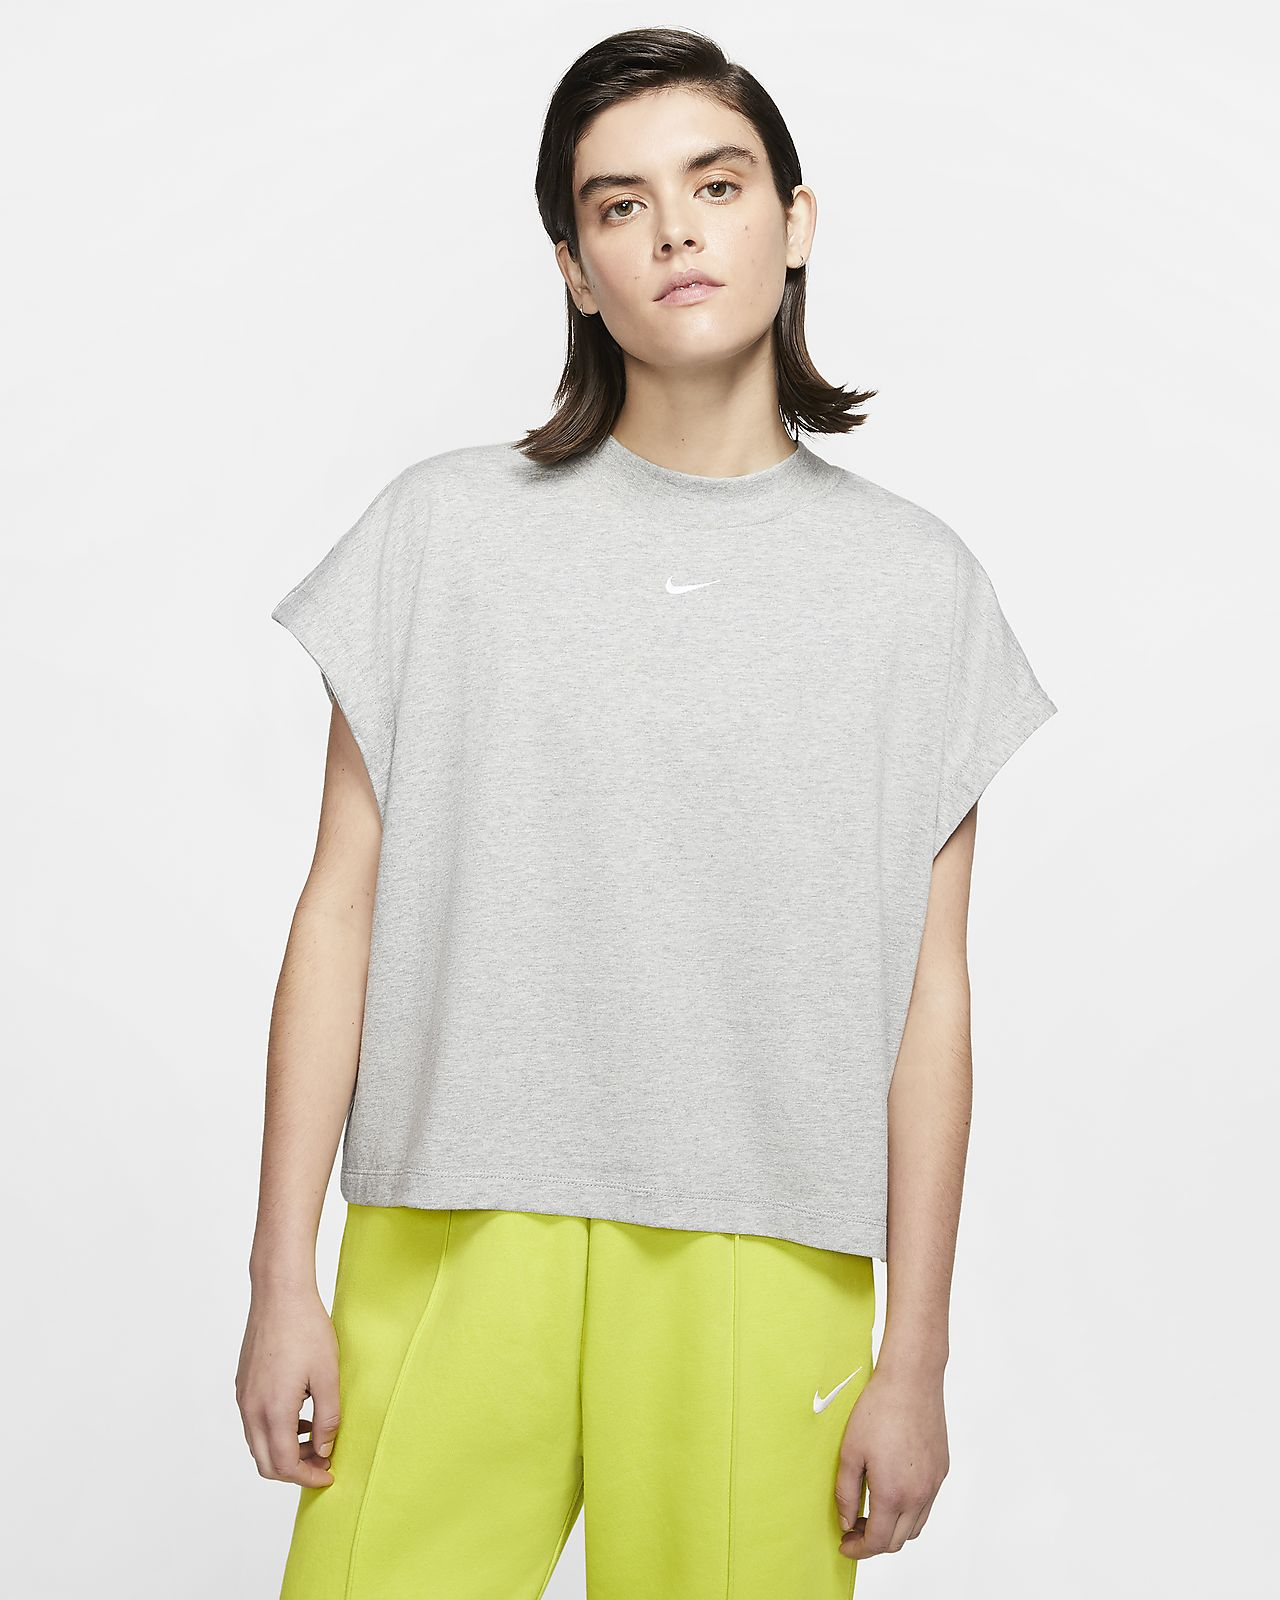 Nike Sportswear Essential Women's Top